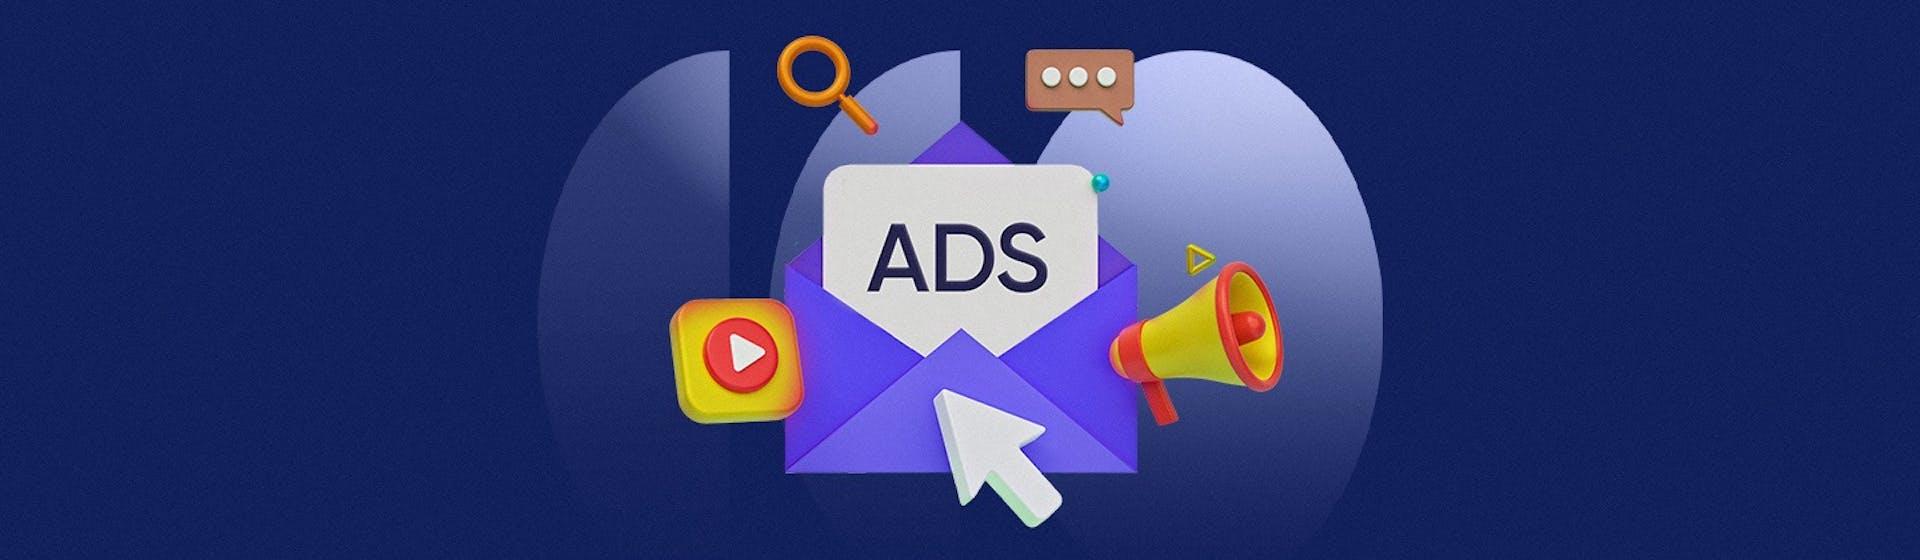 Publicidad en Internet: ¿cuáles son las mejores opciones para impulsar tu presencia en la red?